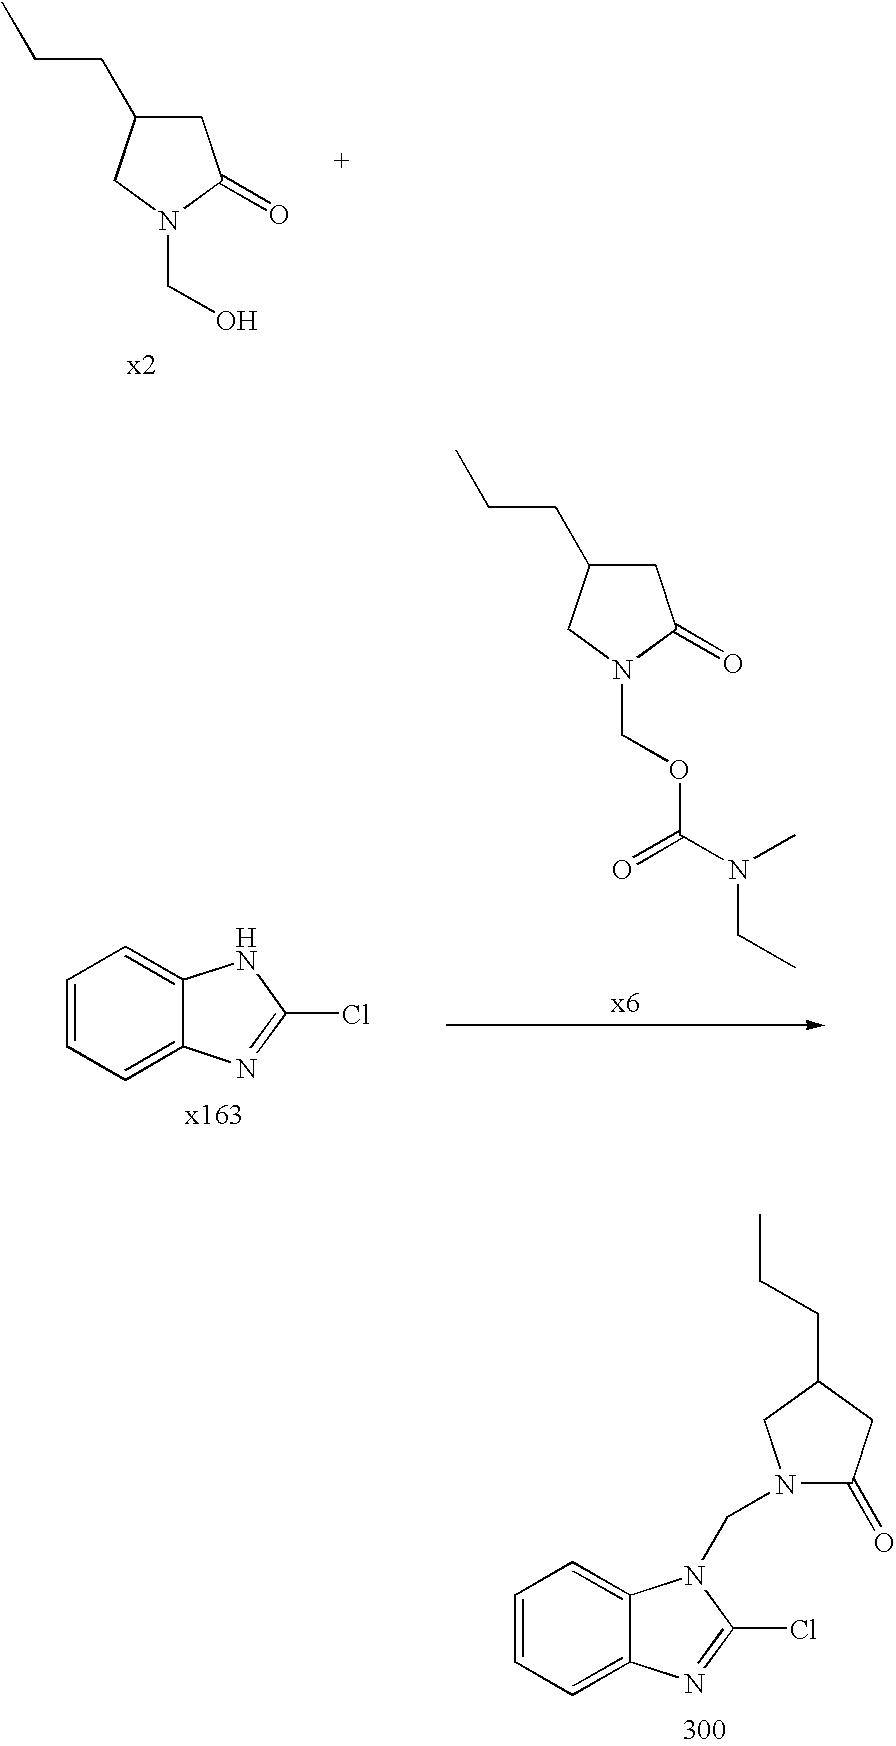 Figure US08178533-20120515-C00087